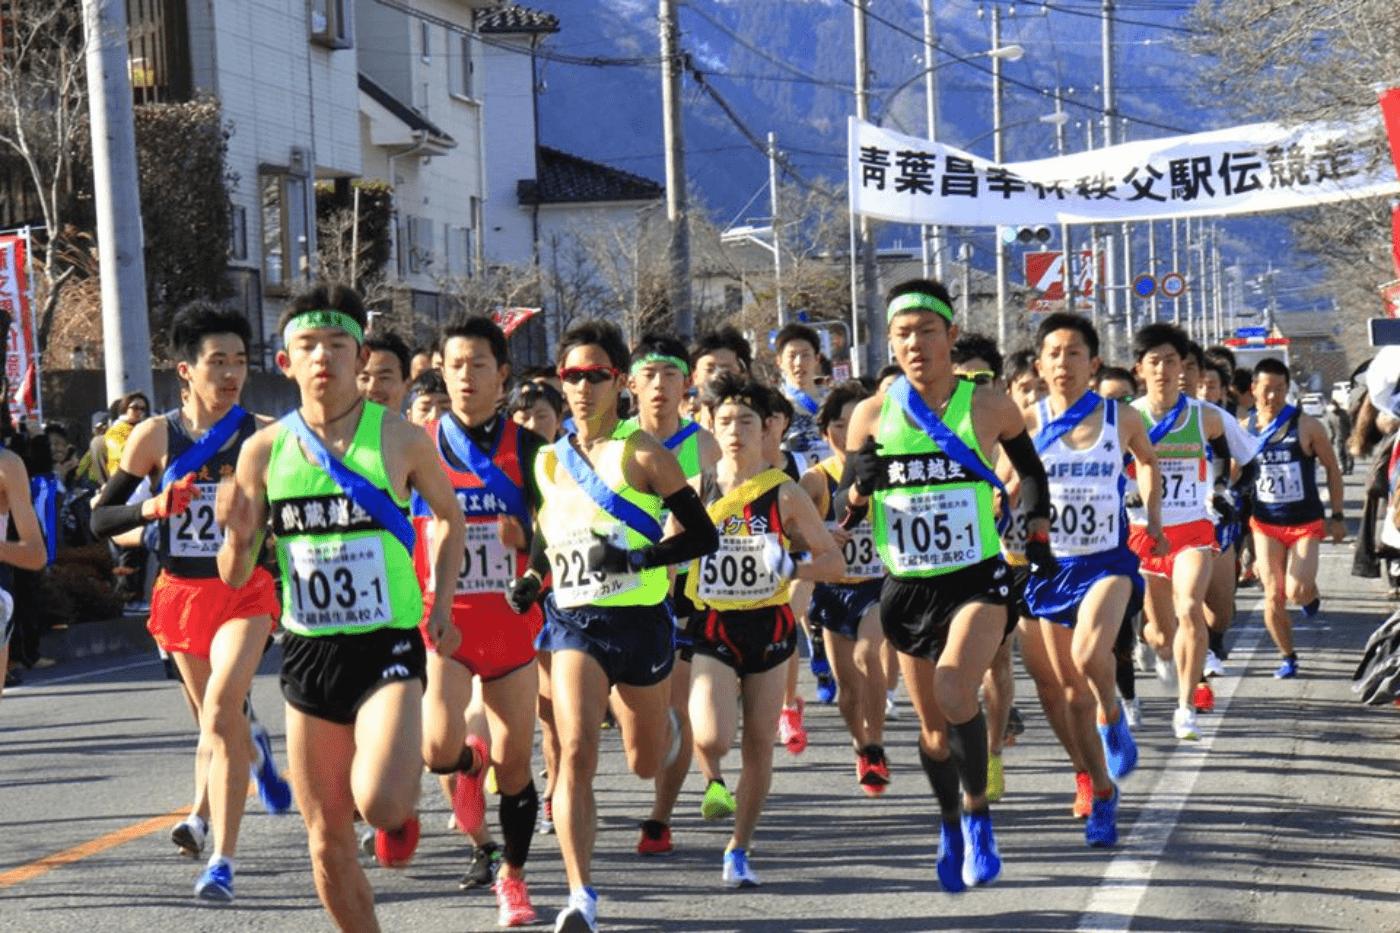 秩父駅伝競走大会 | 埼玉県